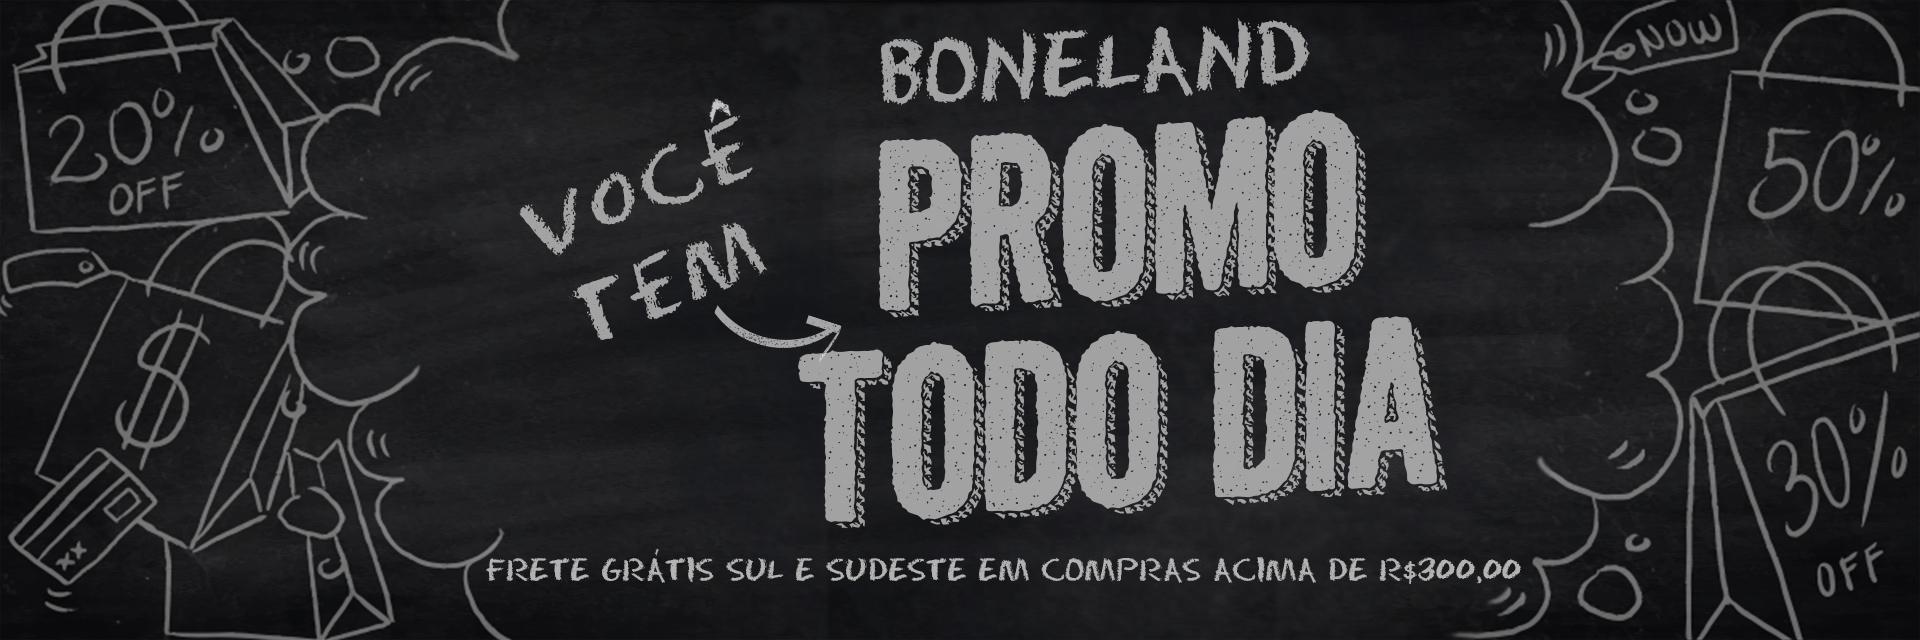 APROVEITE AS PROMOÇÕES DA BONELAND